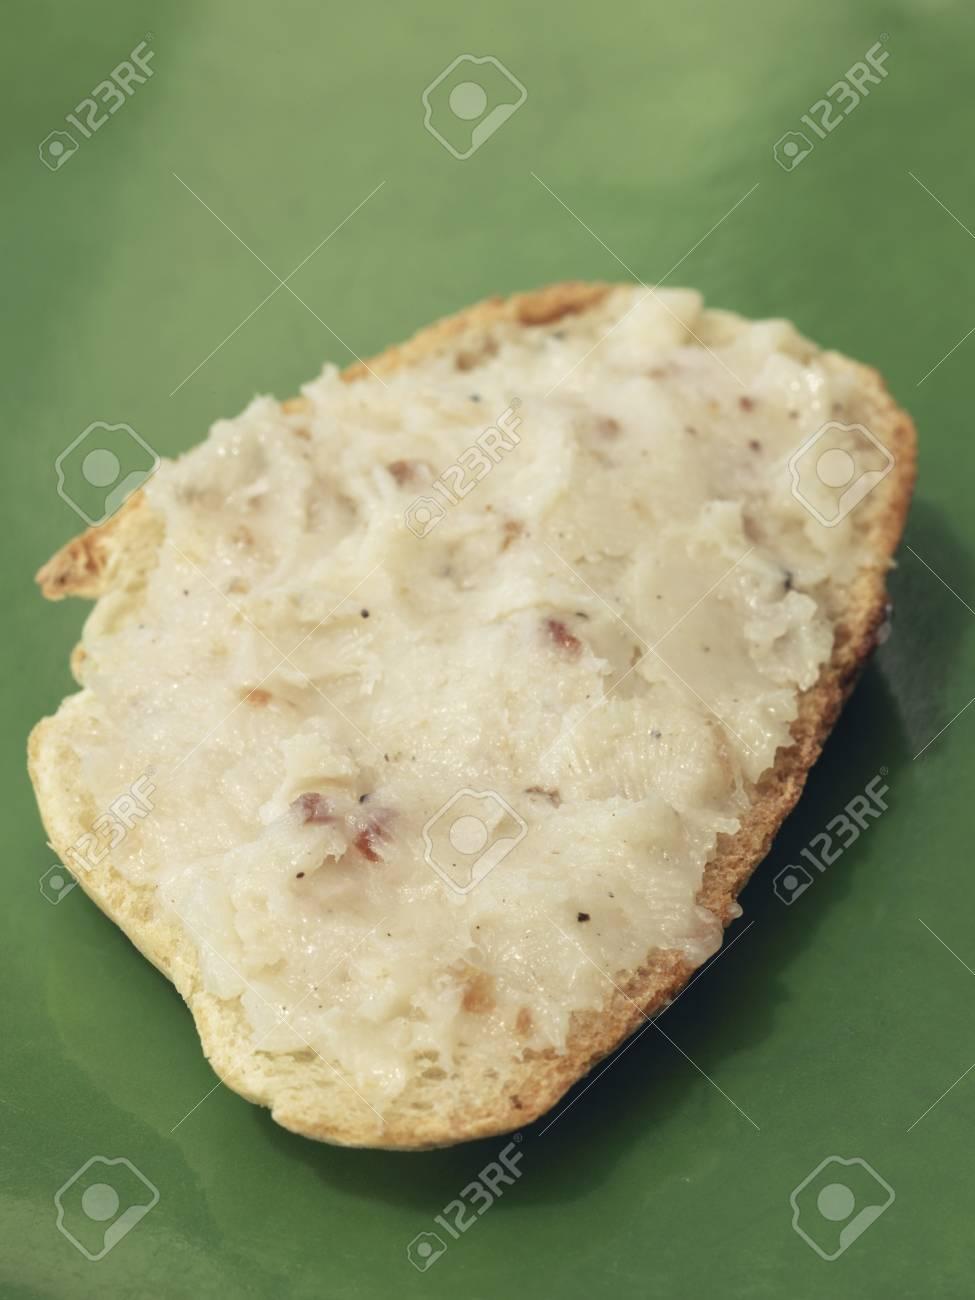 Lardo di colonnata on a slice of bread Stock Photo - 17027896